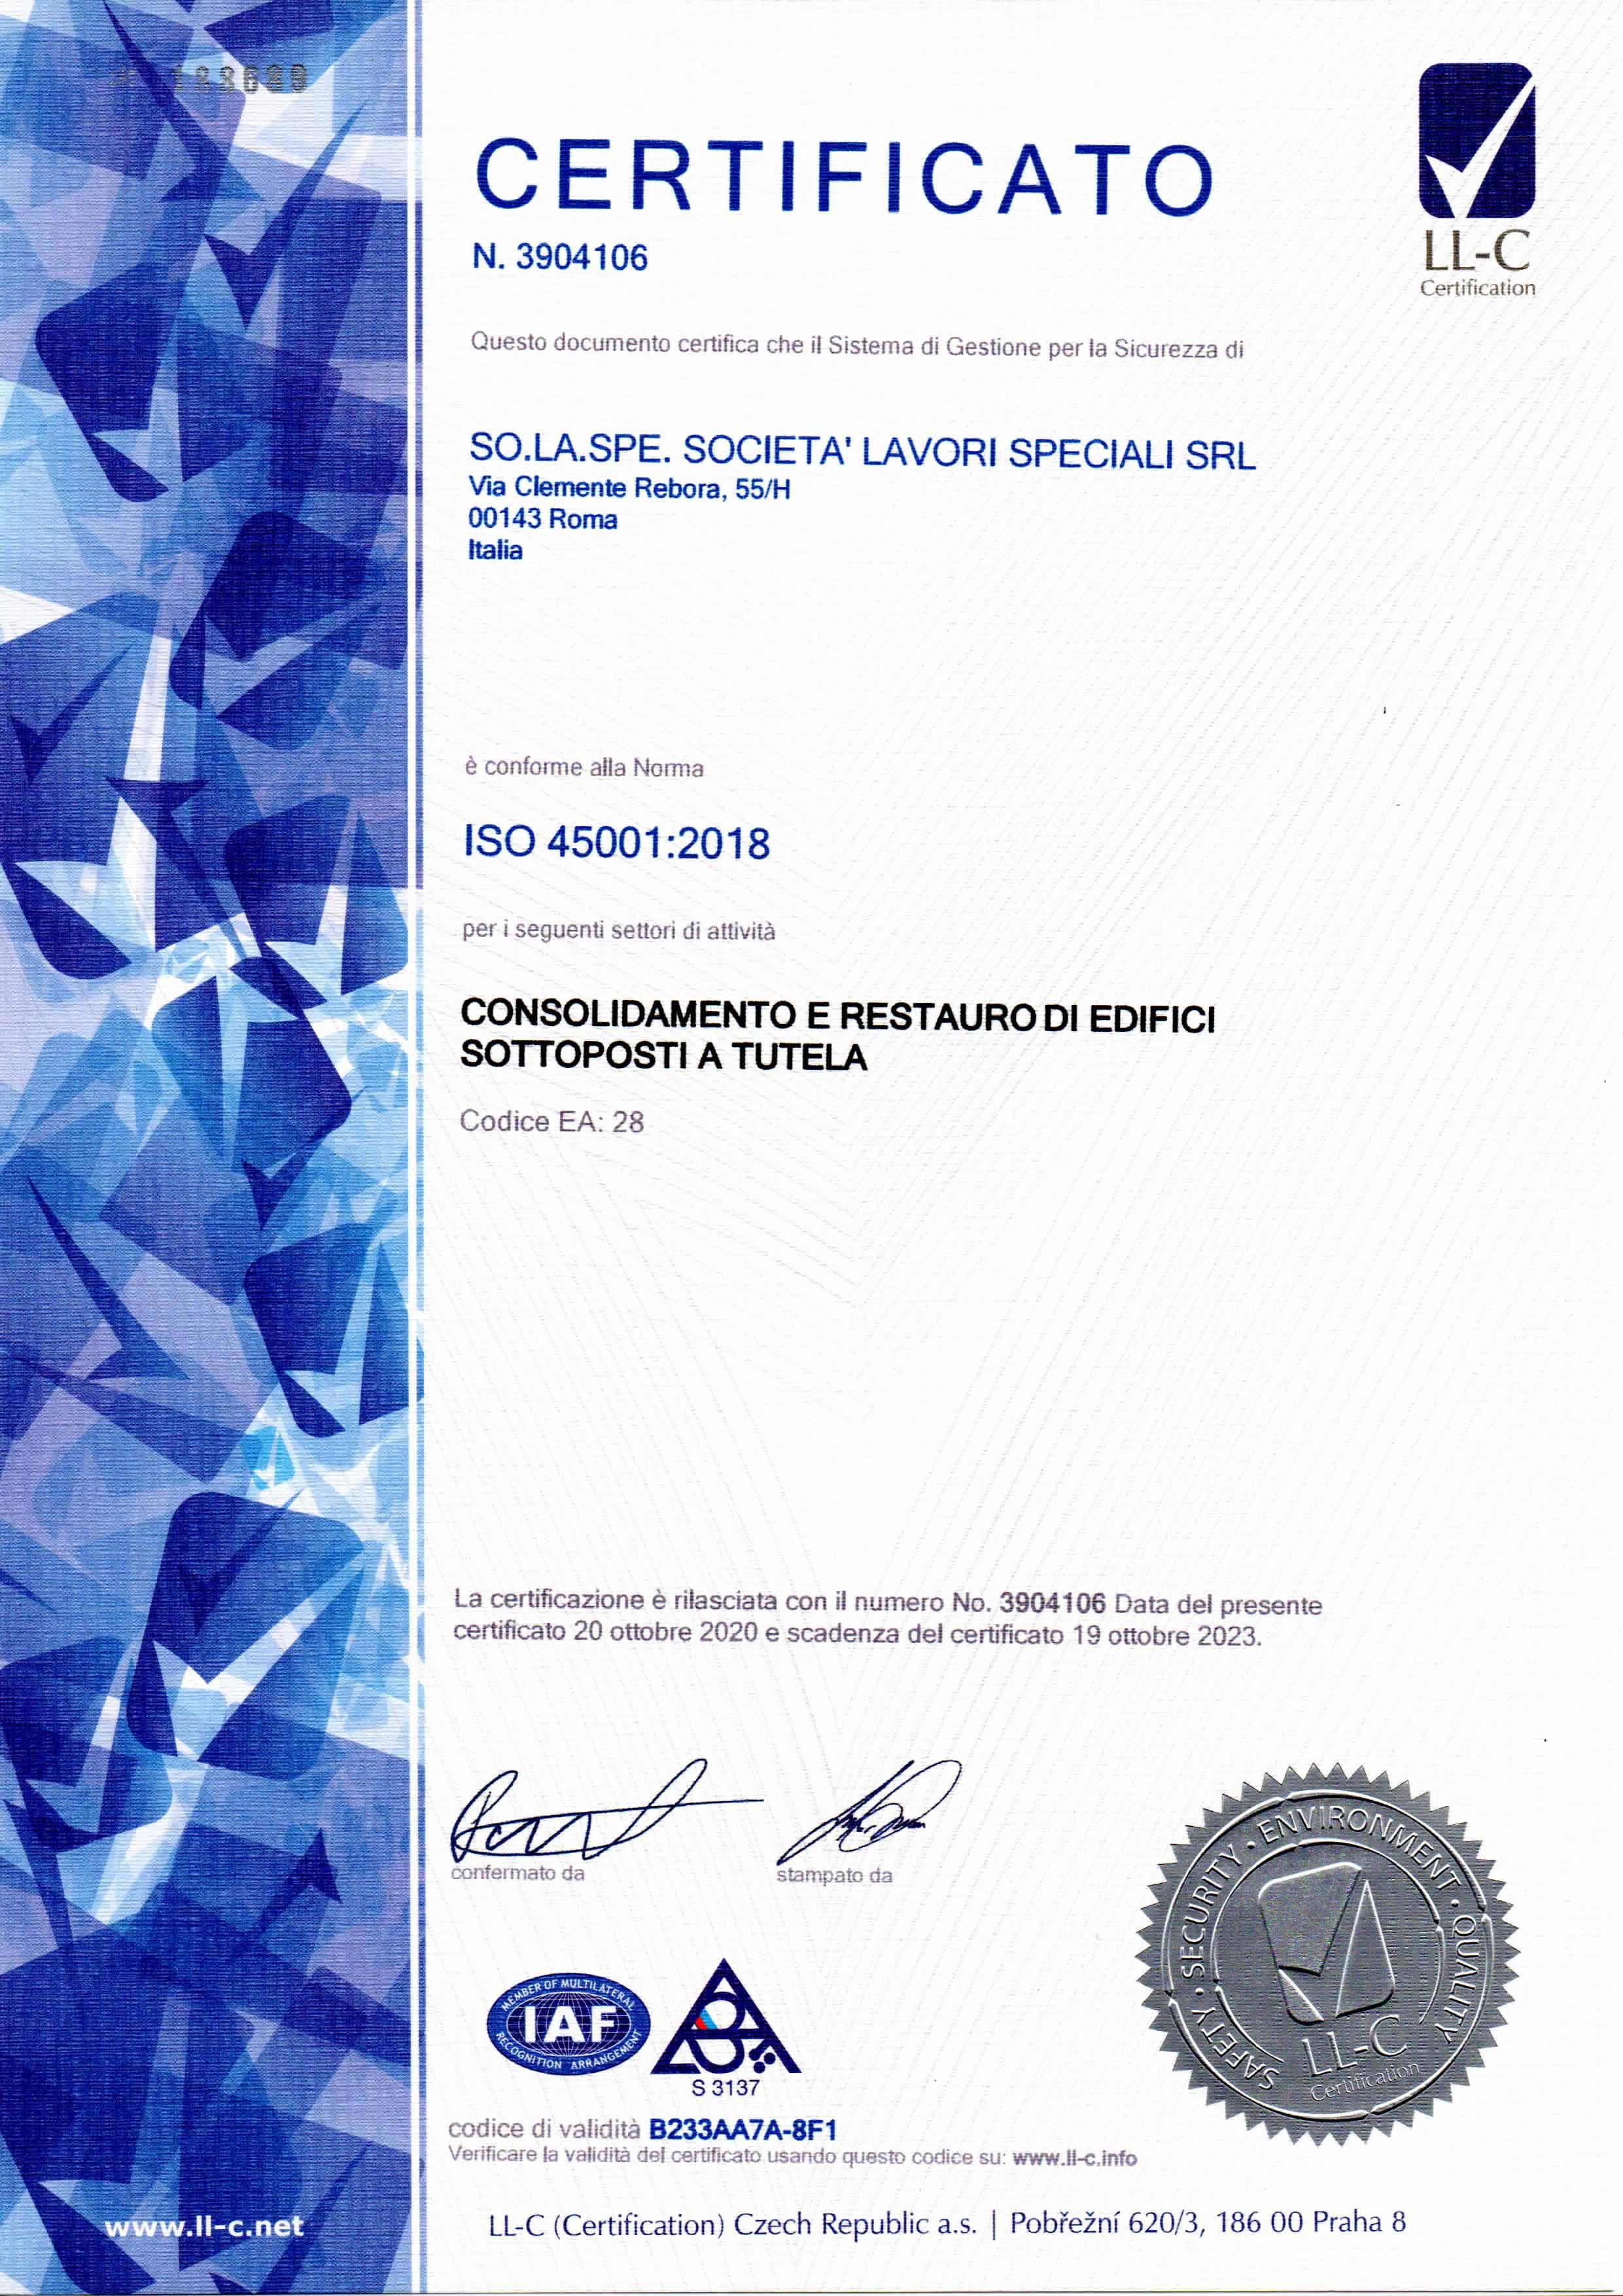 ISO 45001-2018 Solaspe